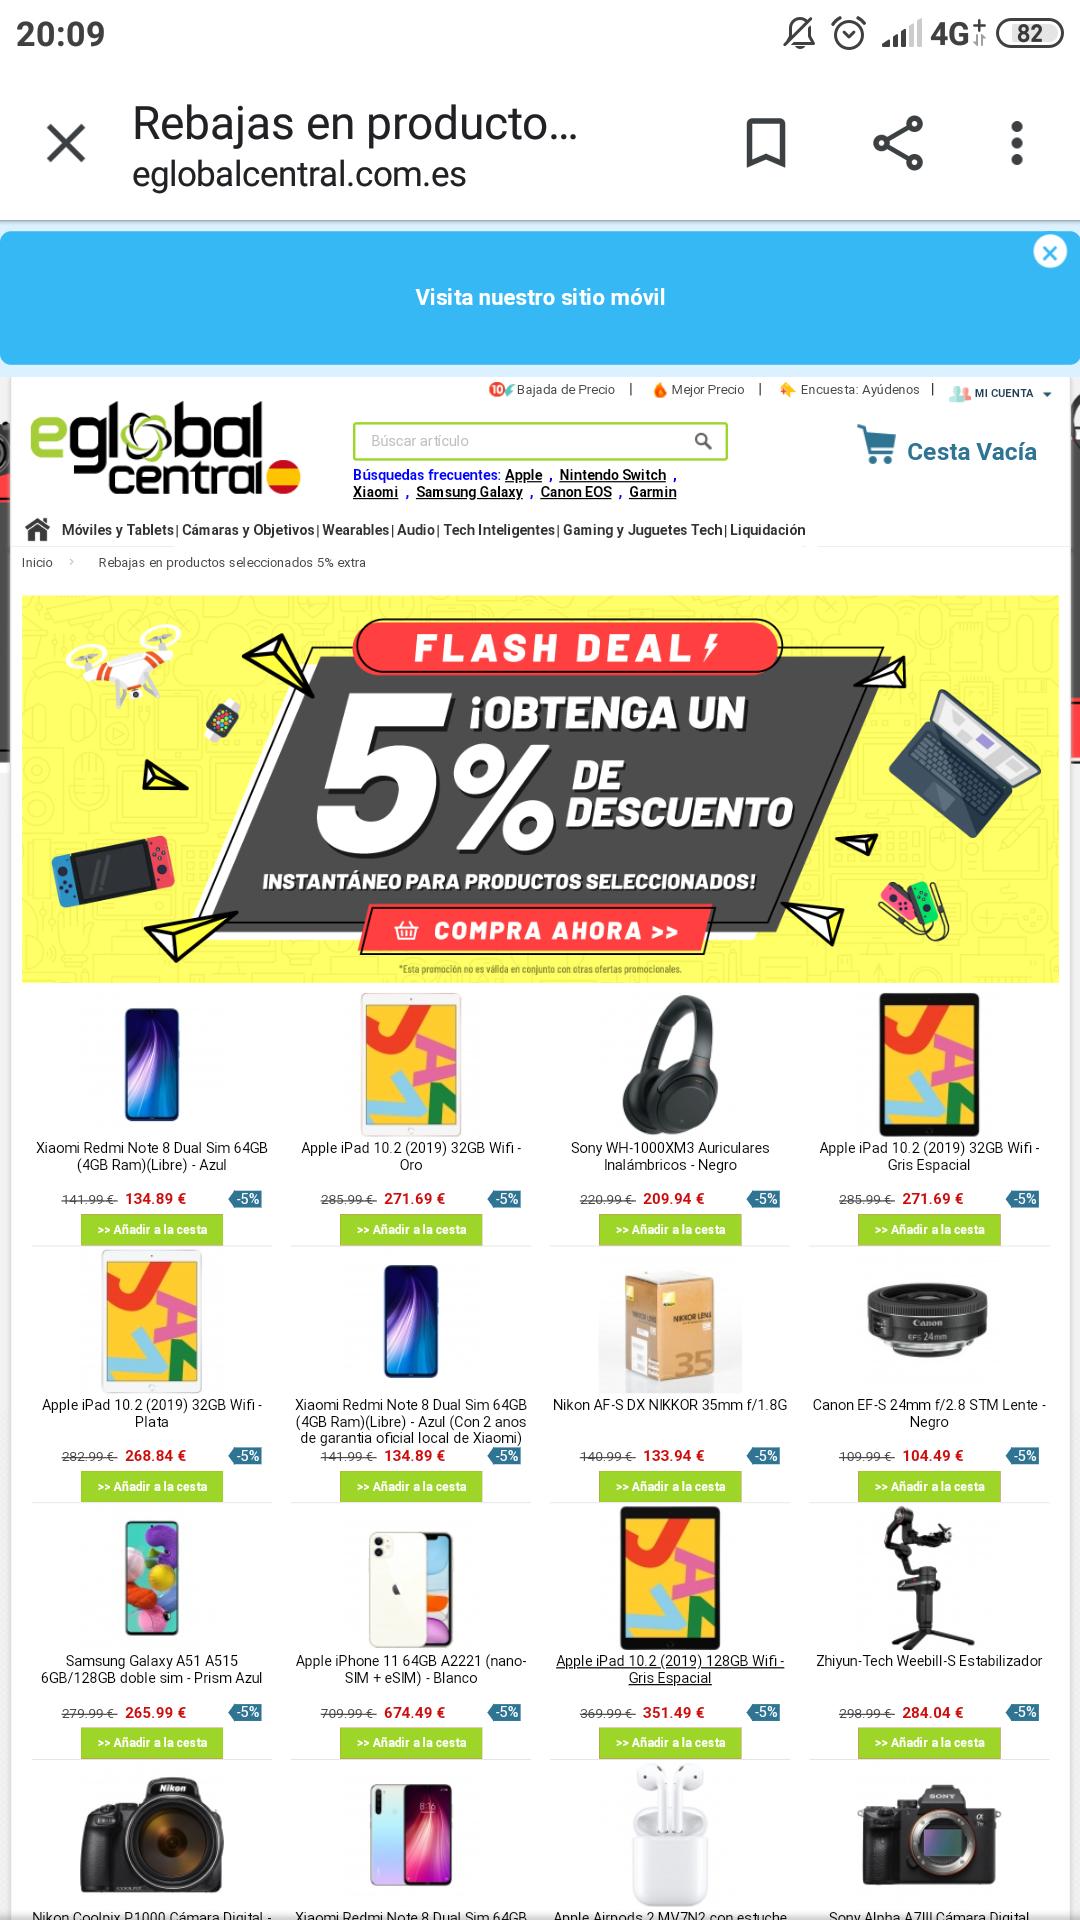 eglobalcentral Descuento del 5% en productos seleccionados